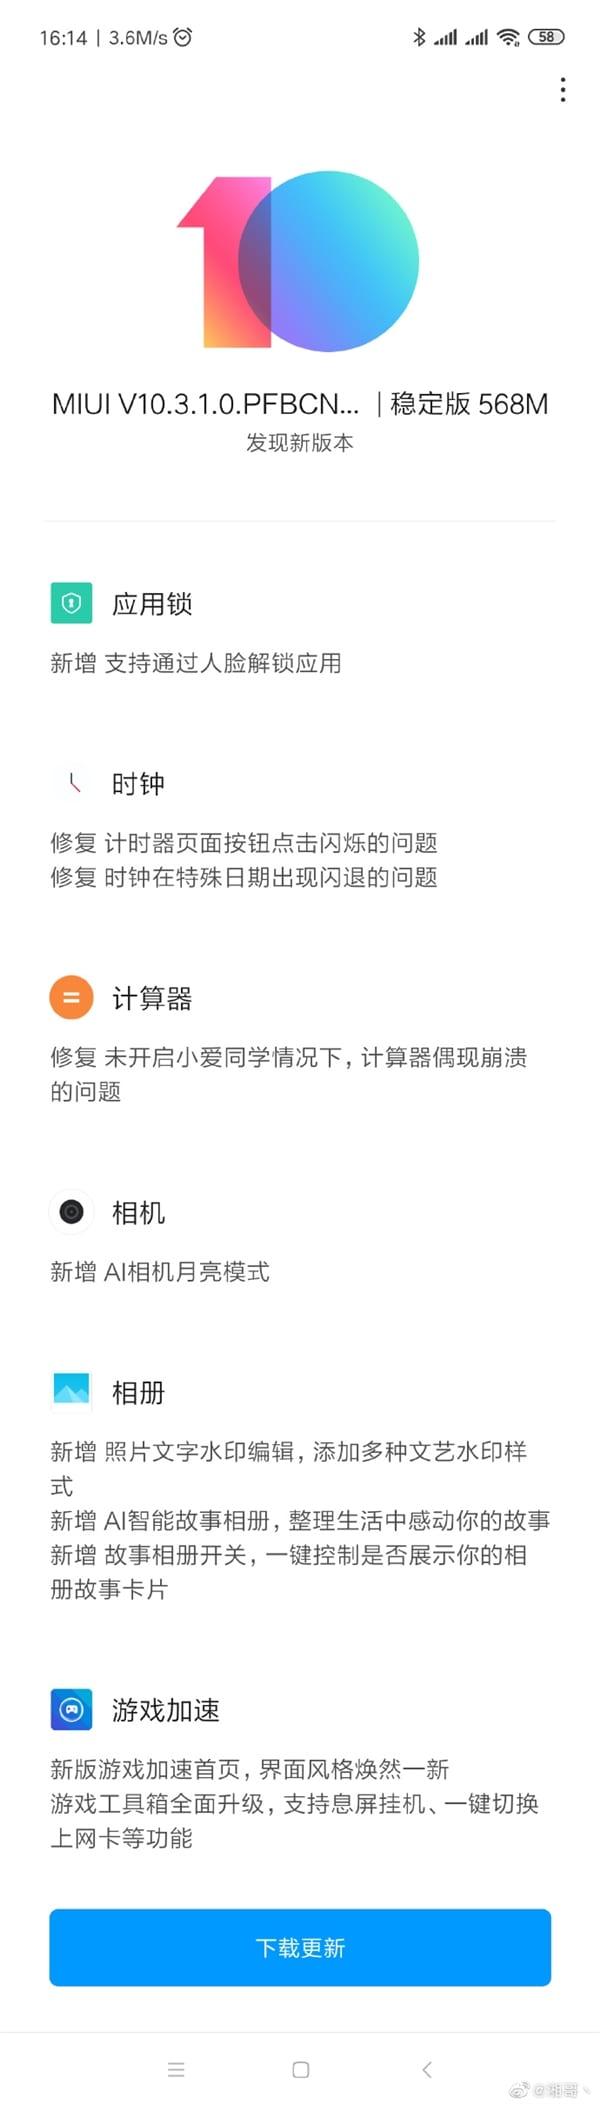 Nueva actualización de MIUI 10 permite capturar fotos de la luna al Xiaomi Mi 9 SE